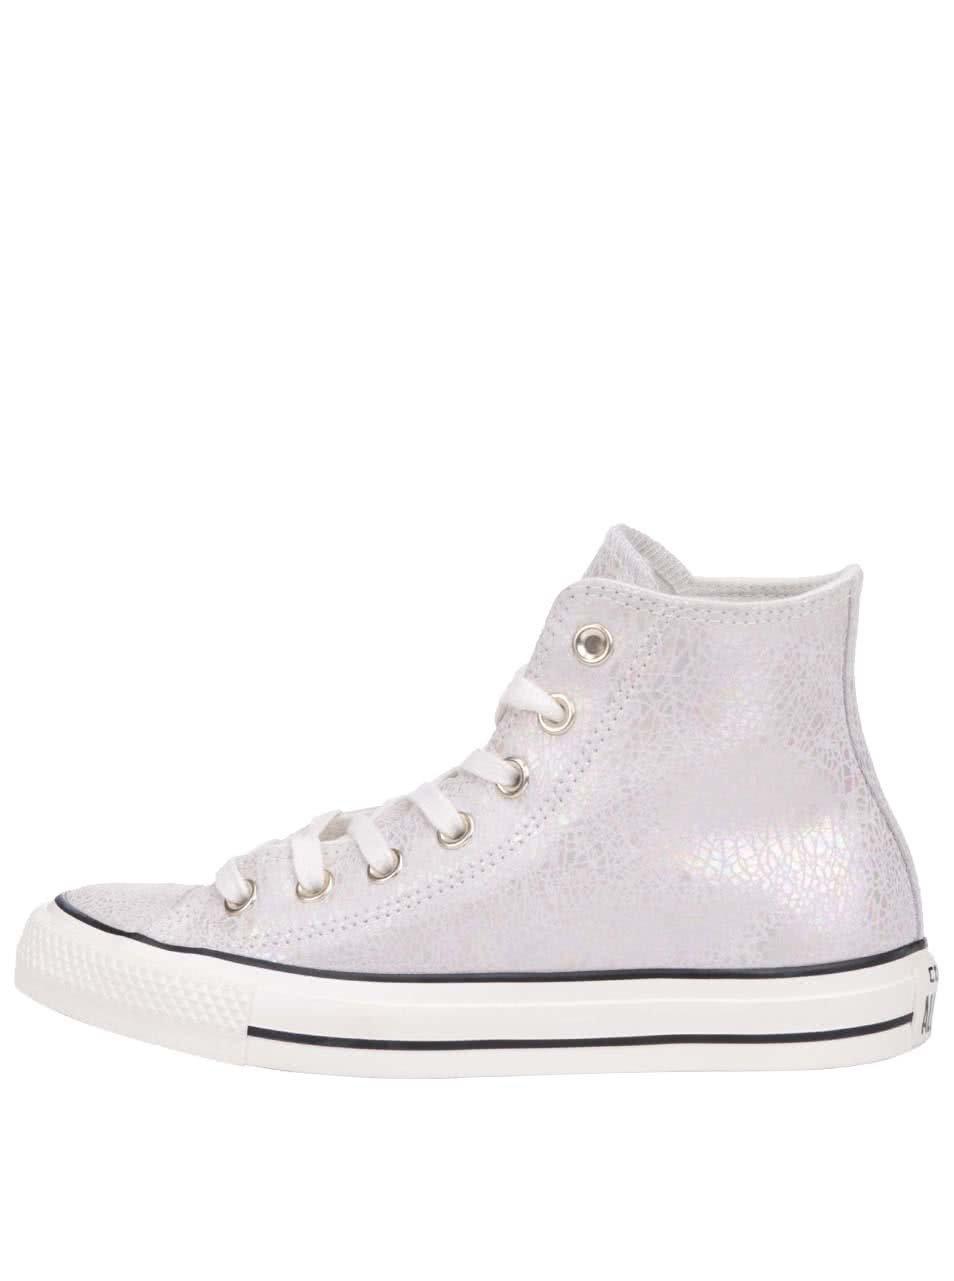 Krémovo-strieborné dámske kožené tenisky Converse Chuck Taylor All Star ... dd6b28d106a